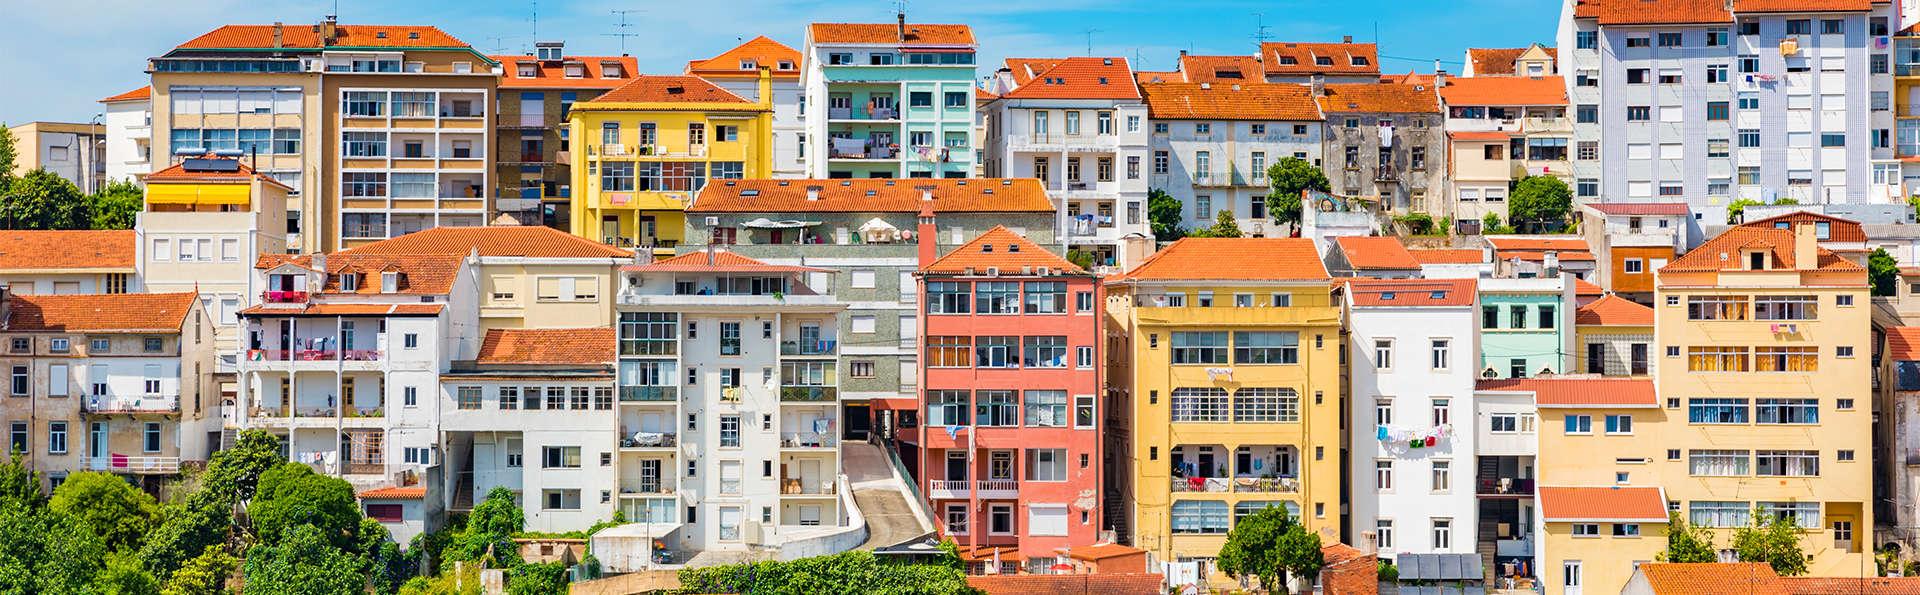 Convento da Serta Hotel by Ymspyra (inactif) - EDIT_Destination_Coimbra.jpg